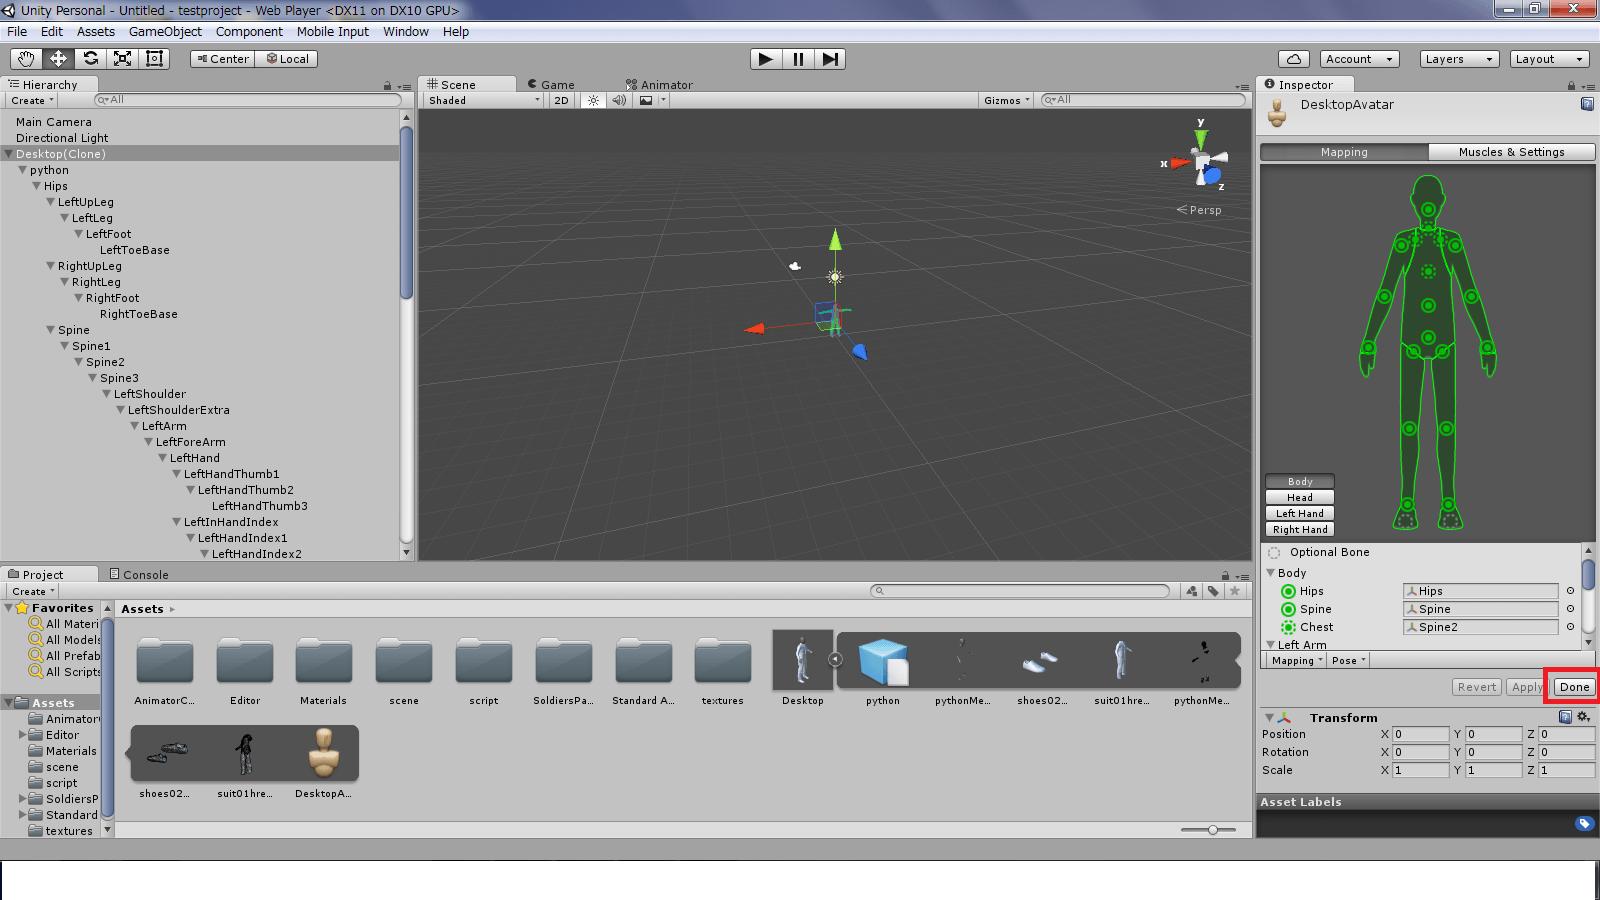 アニメーションタイプをhumanoid型に設定する